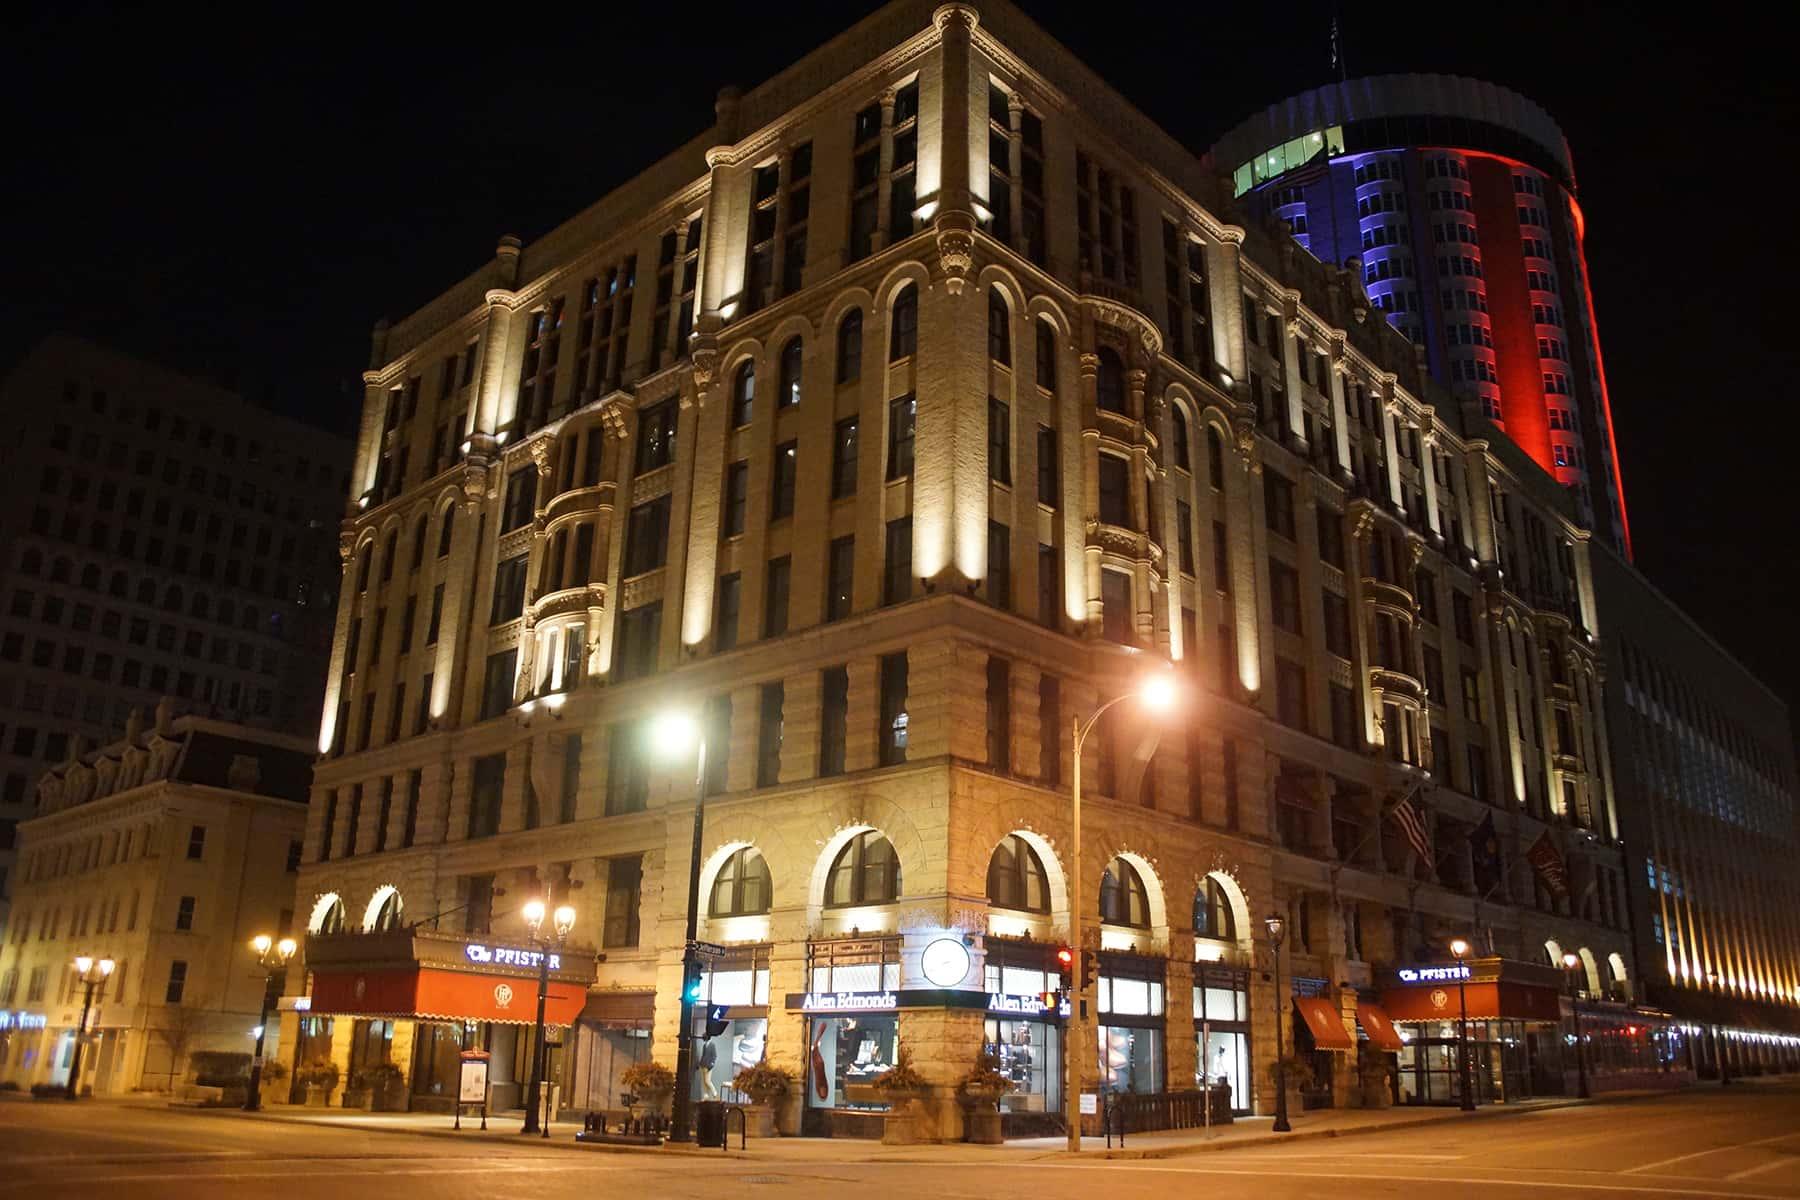 02_032420_citynightlights_409